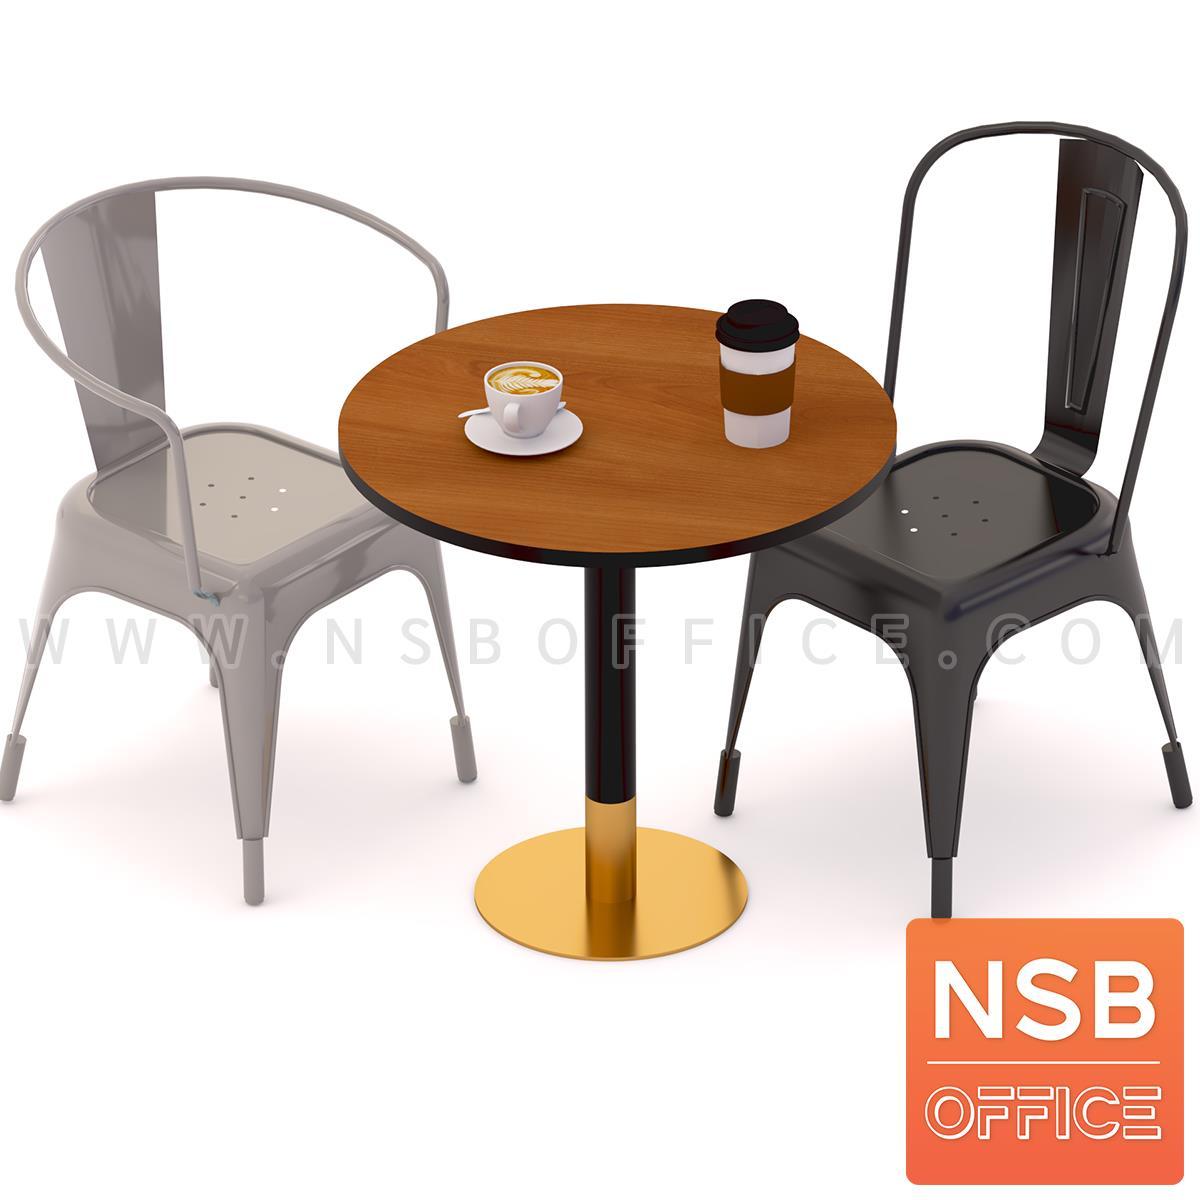 โต๊ะบาร์ COFFEE  รุ่น Coventry (คอเวนทรี)  ขาเหล็ก ฐานจานกลม